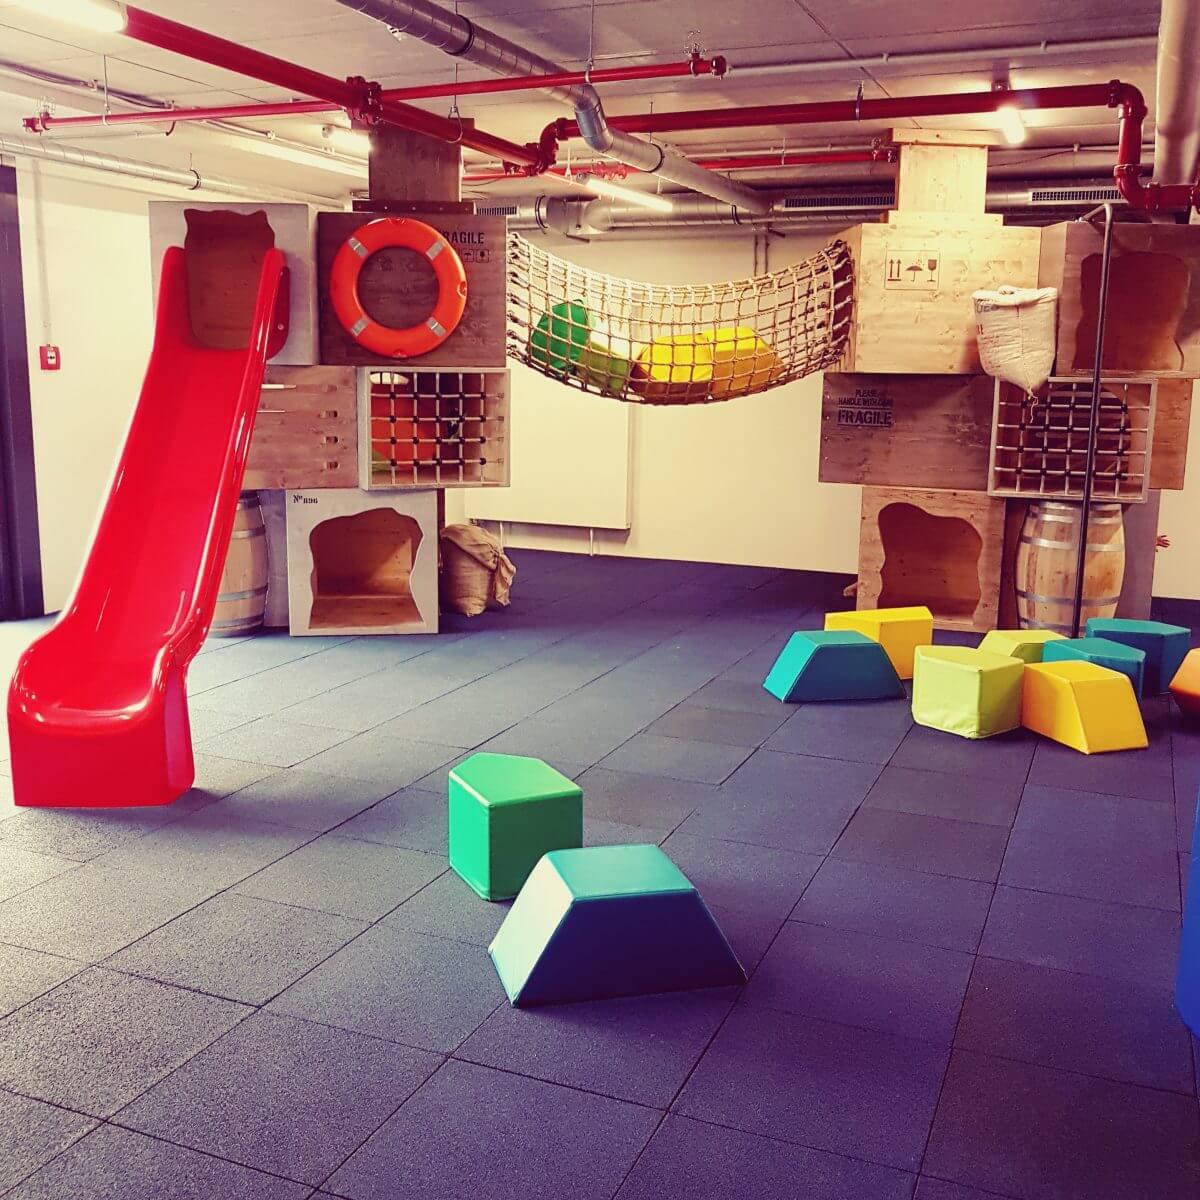 Jufa hotel Hamburg Hafencity, kindvriendelijk hotel met binnenspeelruimte